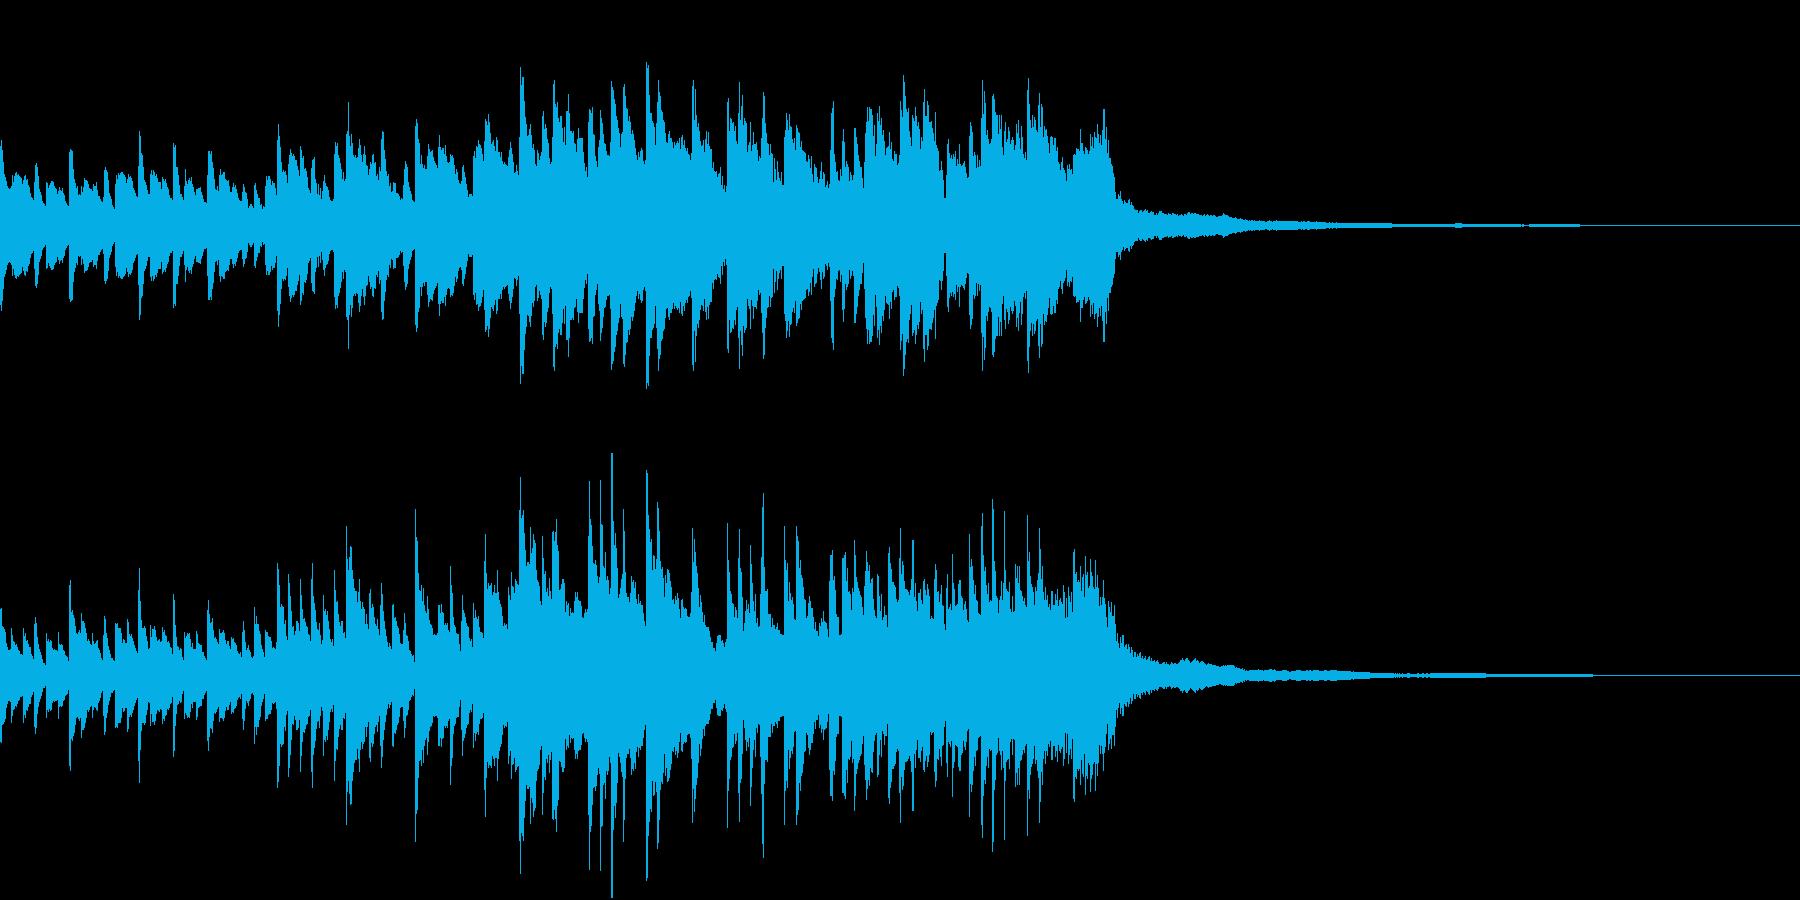 ピアノBGM30秒-幸せ、ぬくもり、感動の再生済みの波形